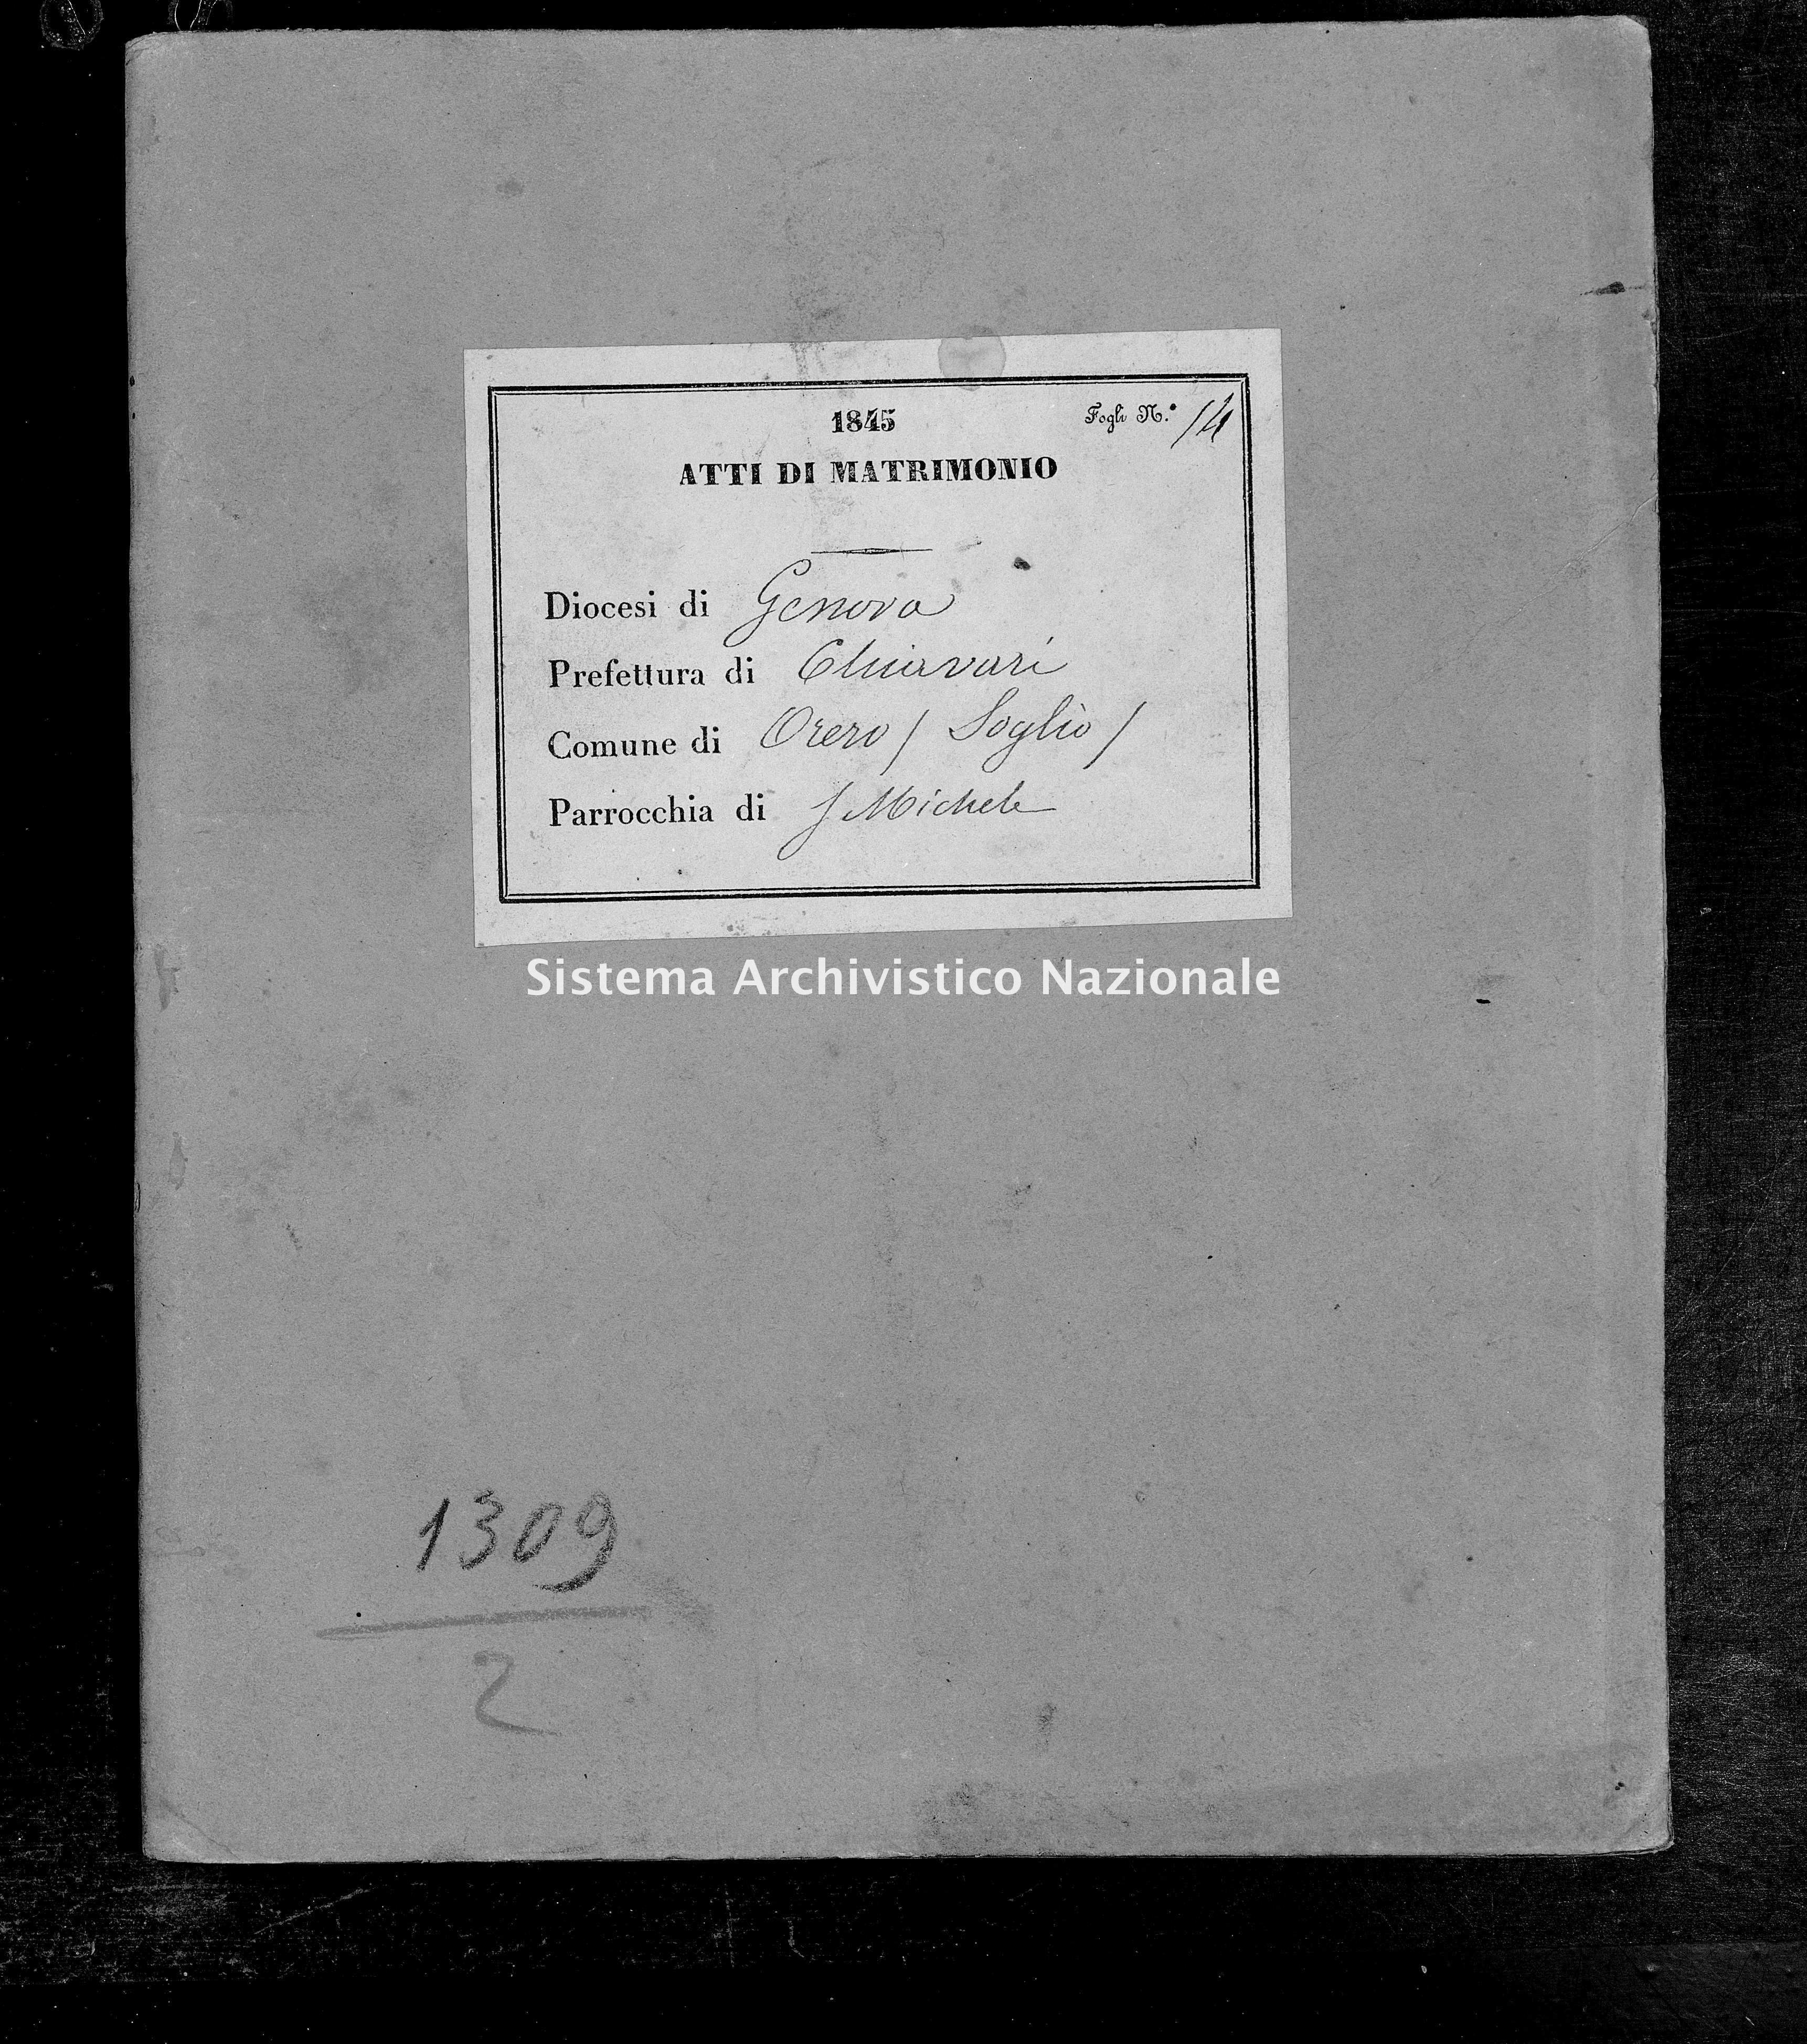 Archivio di stato di Genova - Stato civile della restaurazione - Soglio - Matrimoni - 1845 - 79-80 -